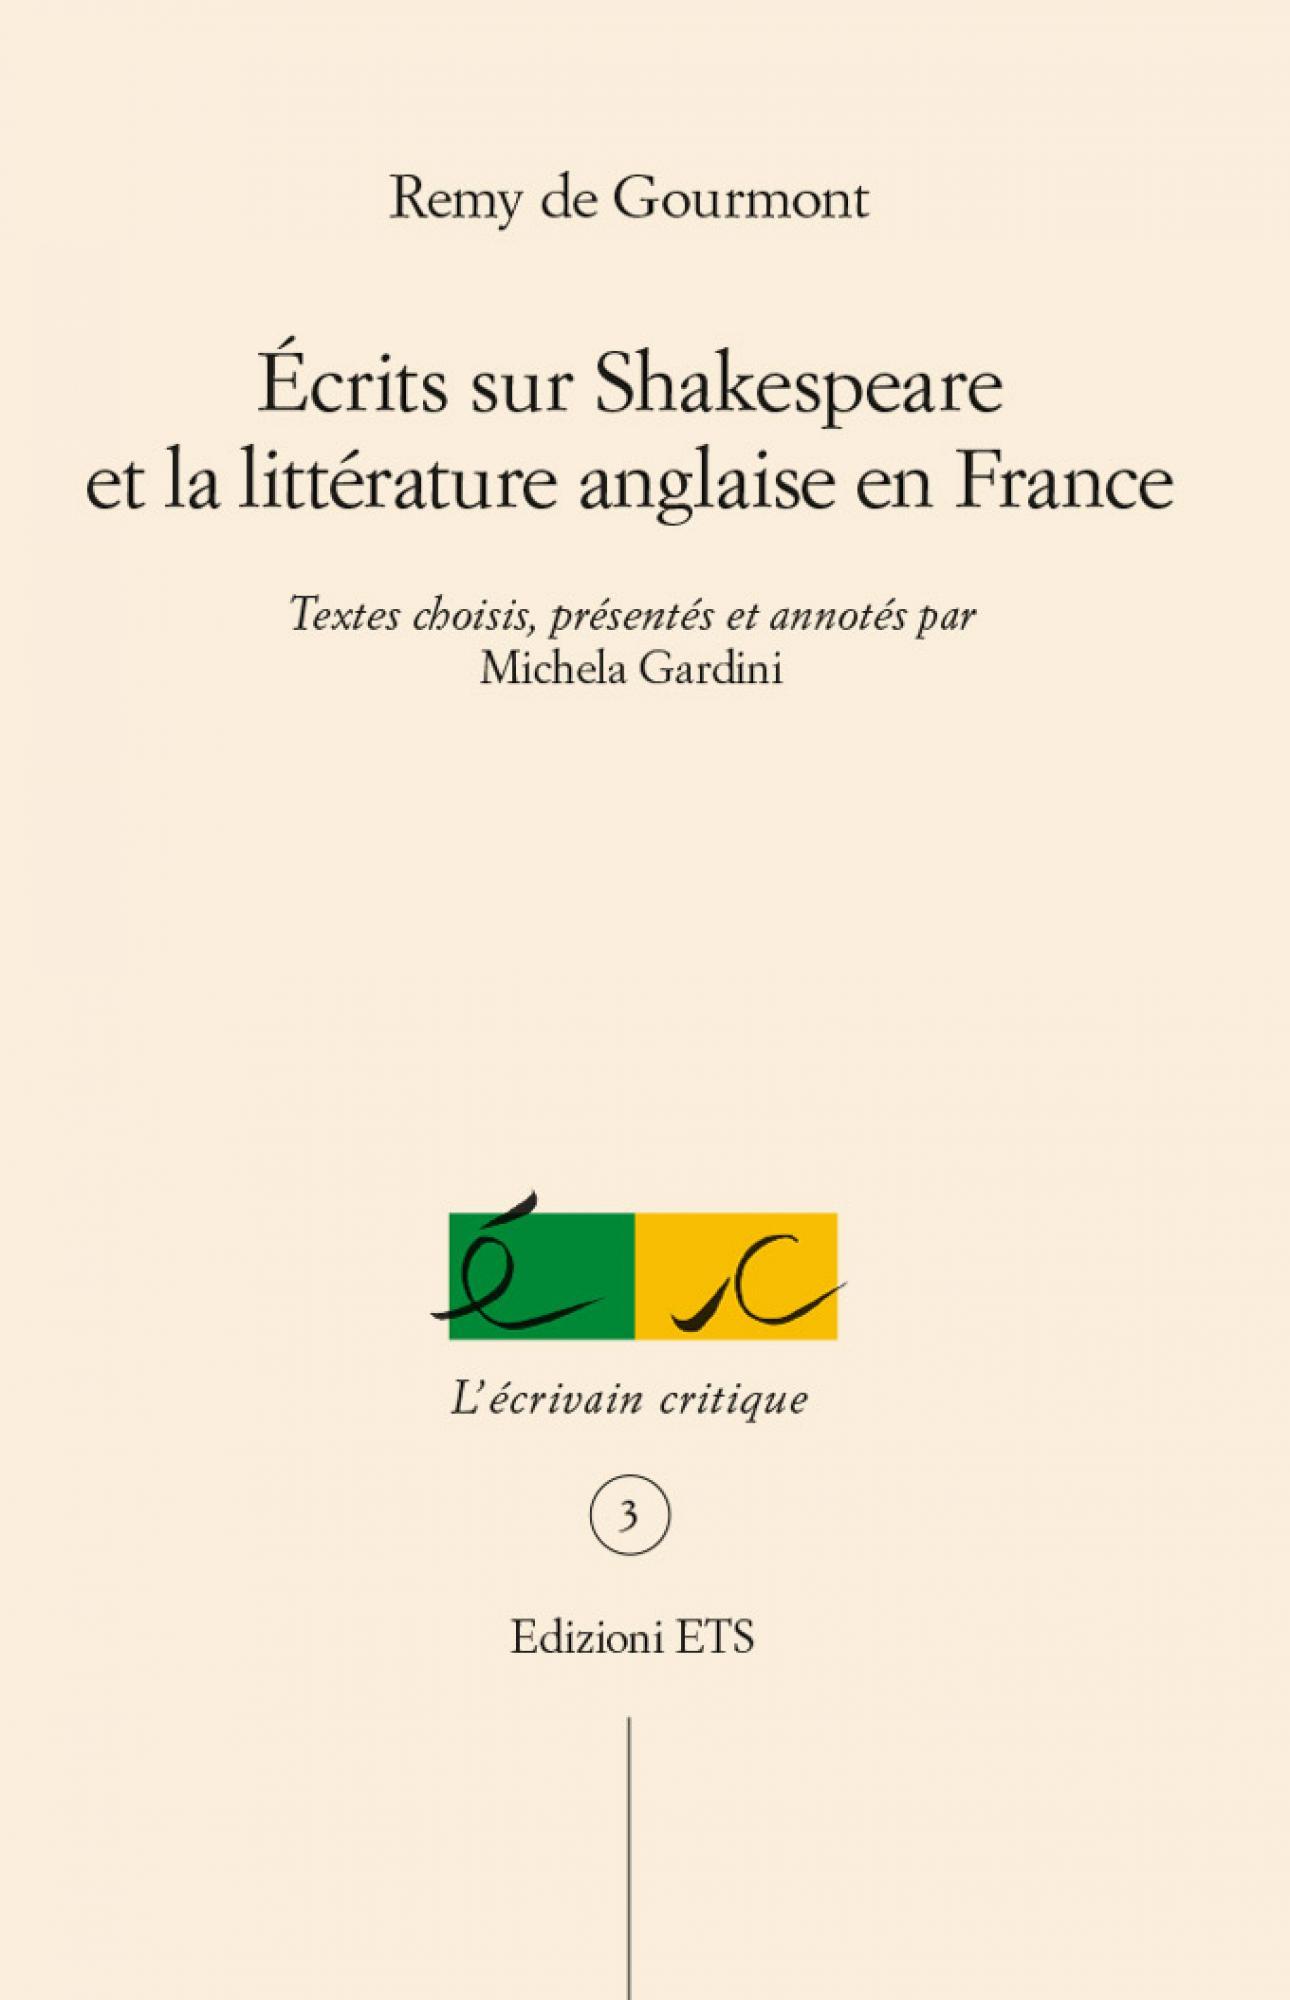 Écrits sur Shakespeare et la littérature anglaise en France